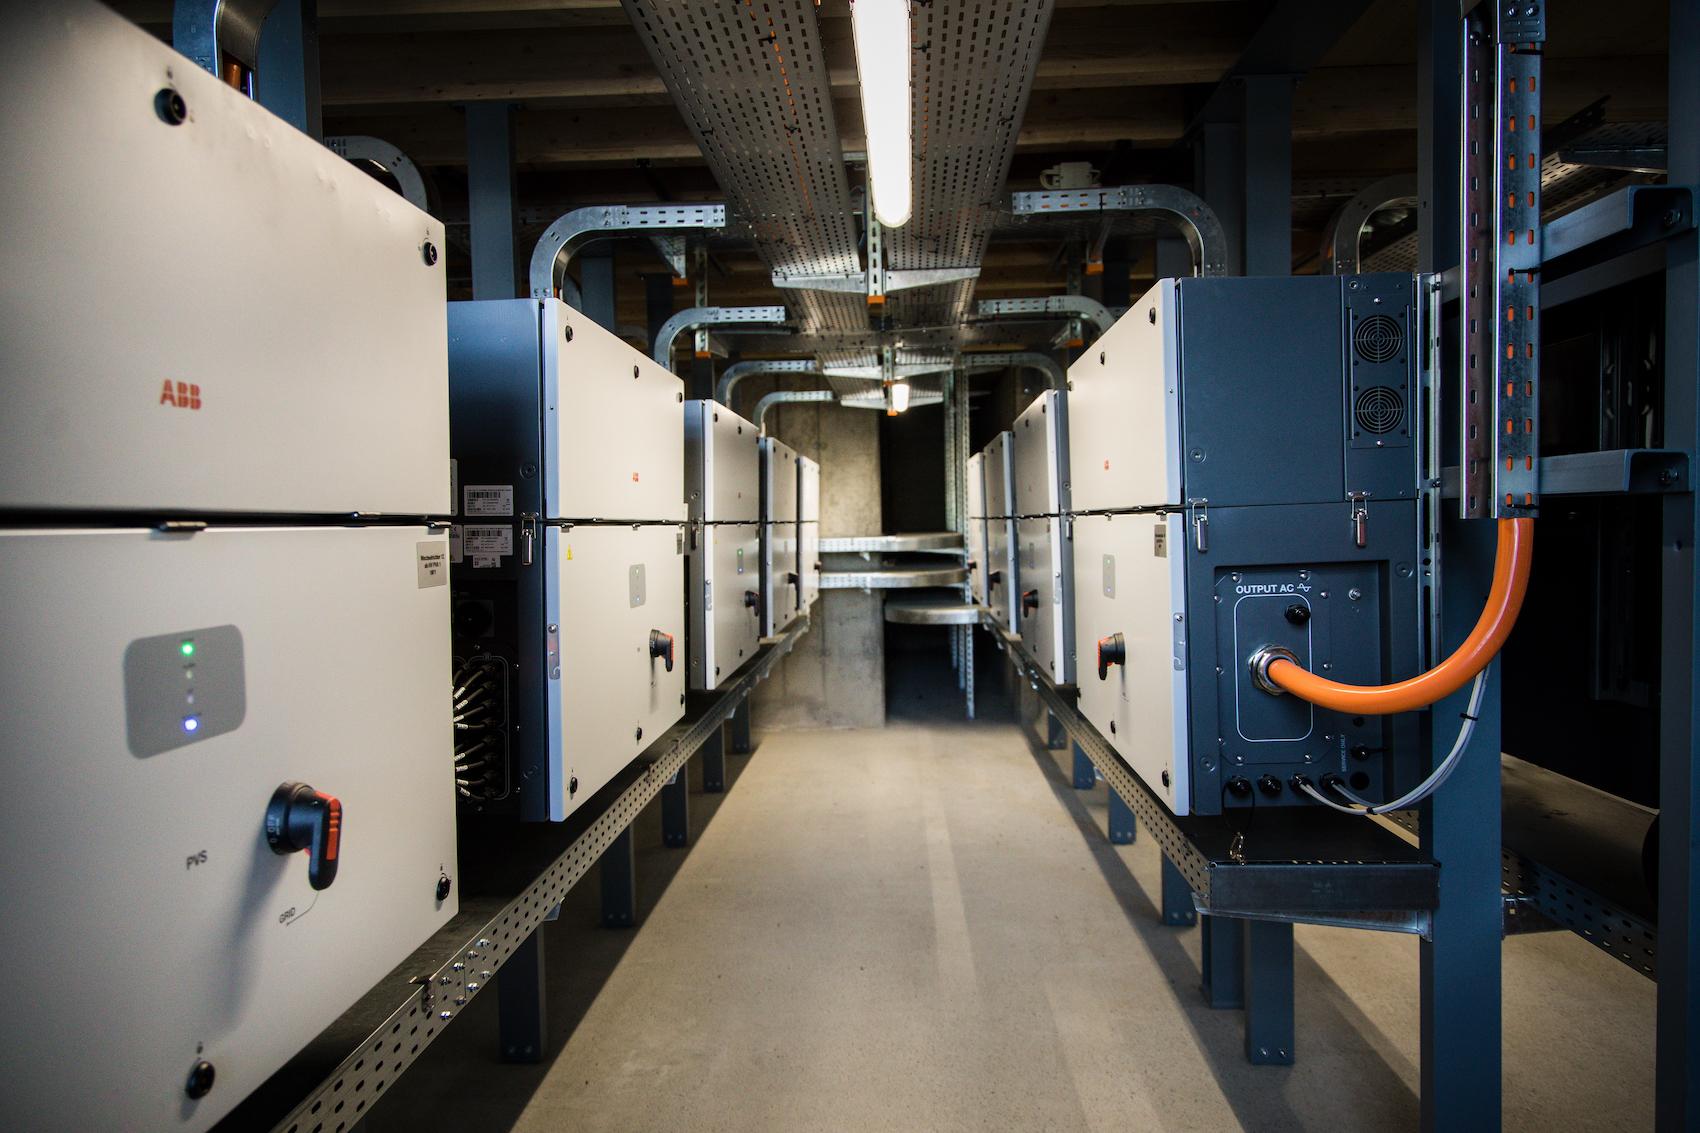 Über 500 Kilometer Kabel wurden beim Bau der Anlage verlegt.